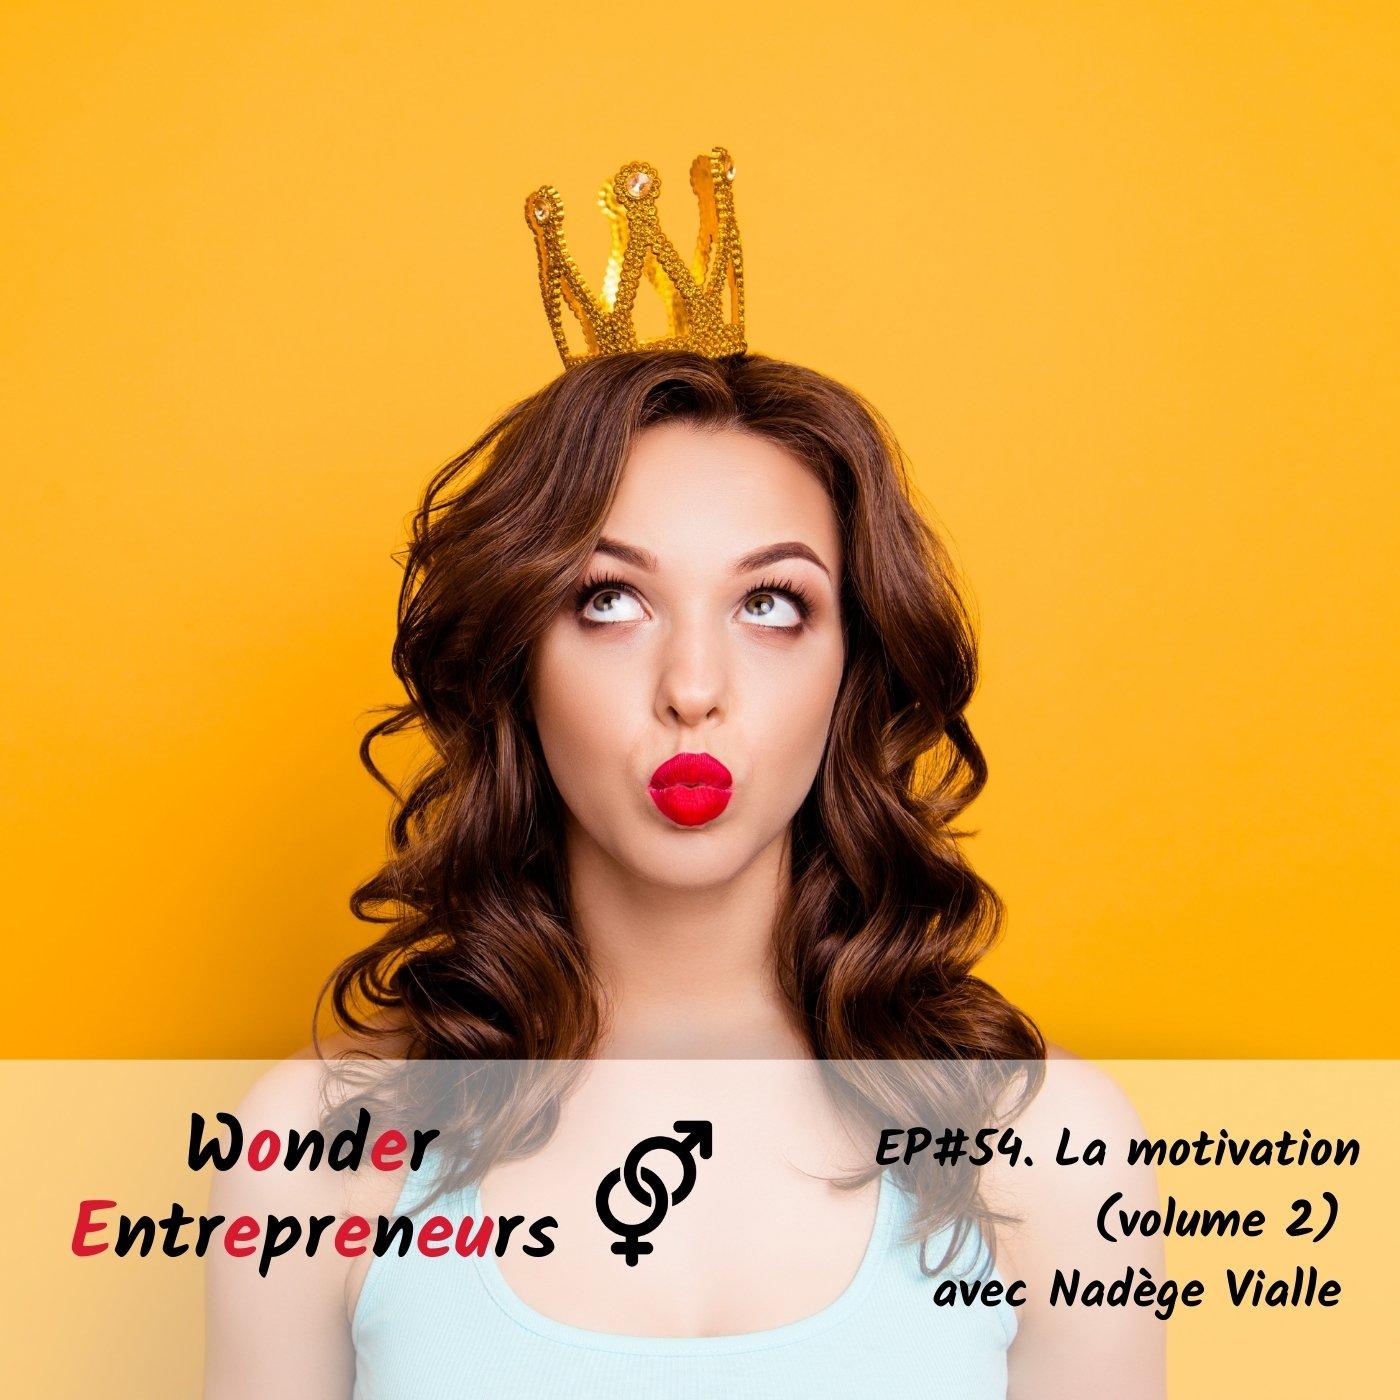 EP 54 La Motivation Volume 2 Podcast Wonder Entrepreneurs Nadege Vialle